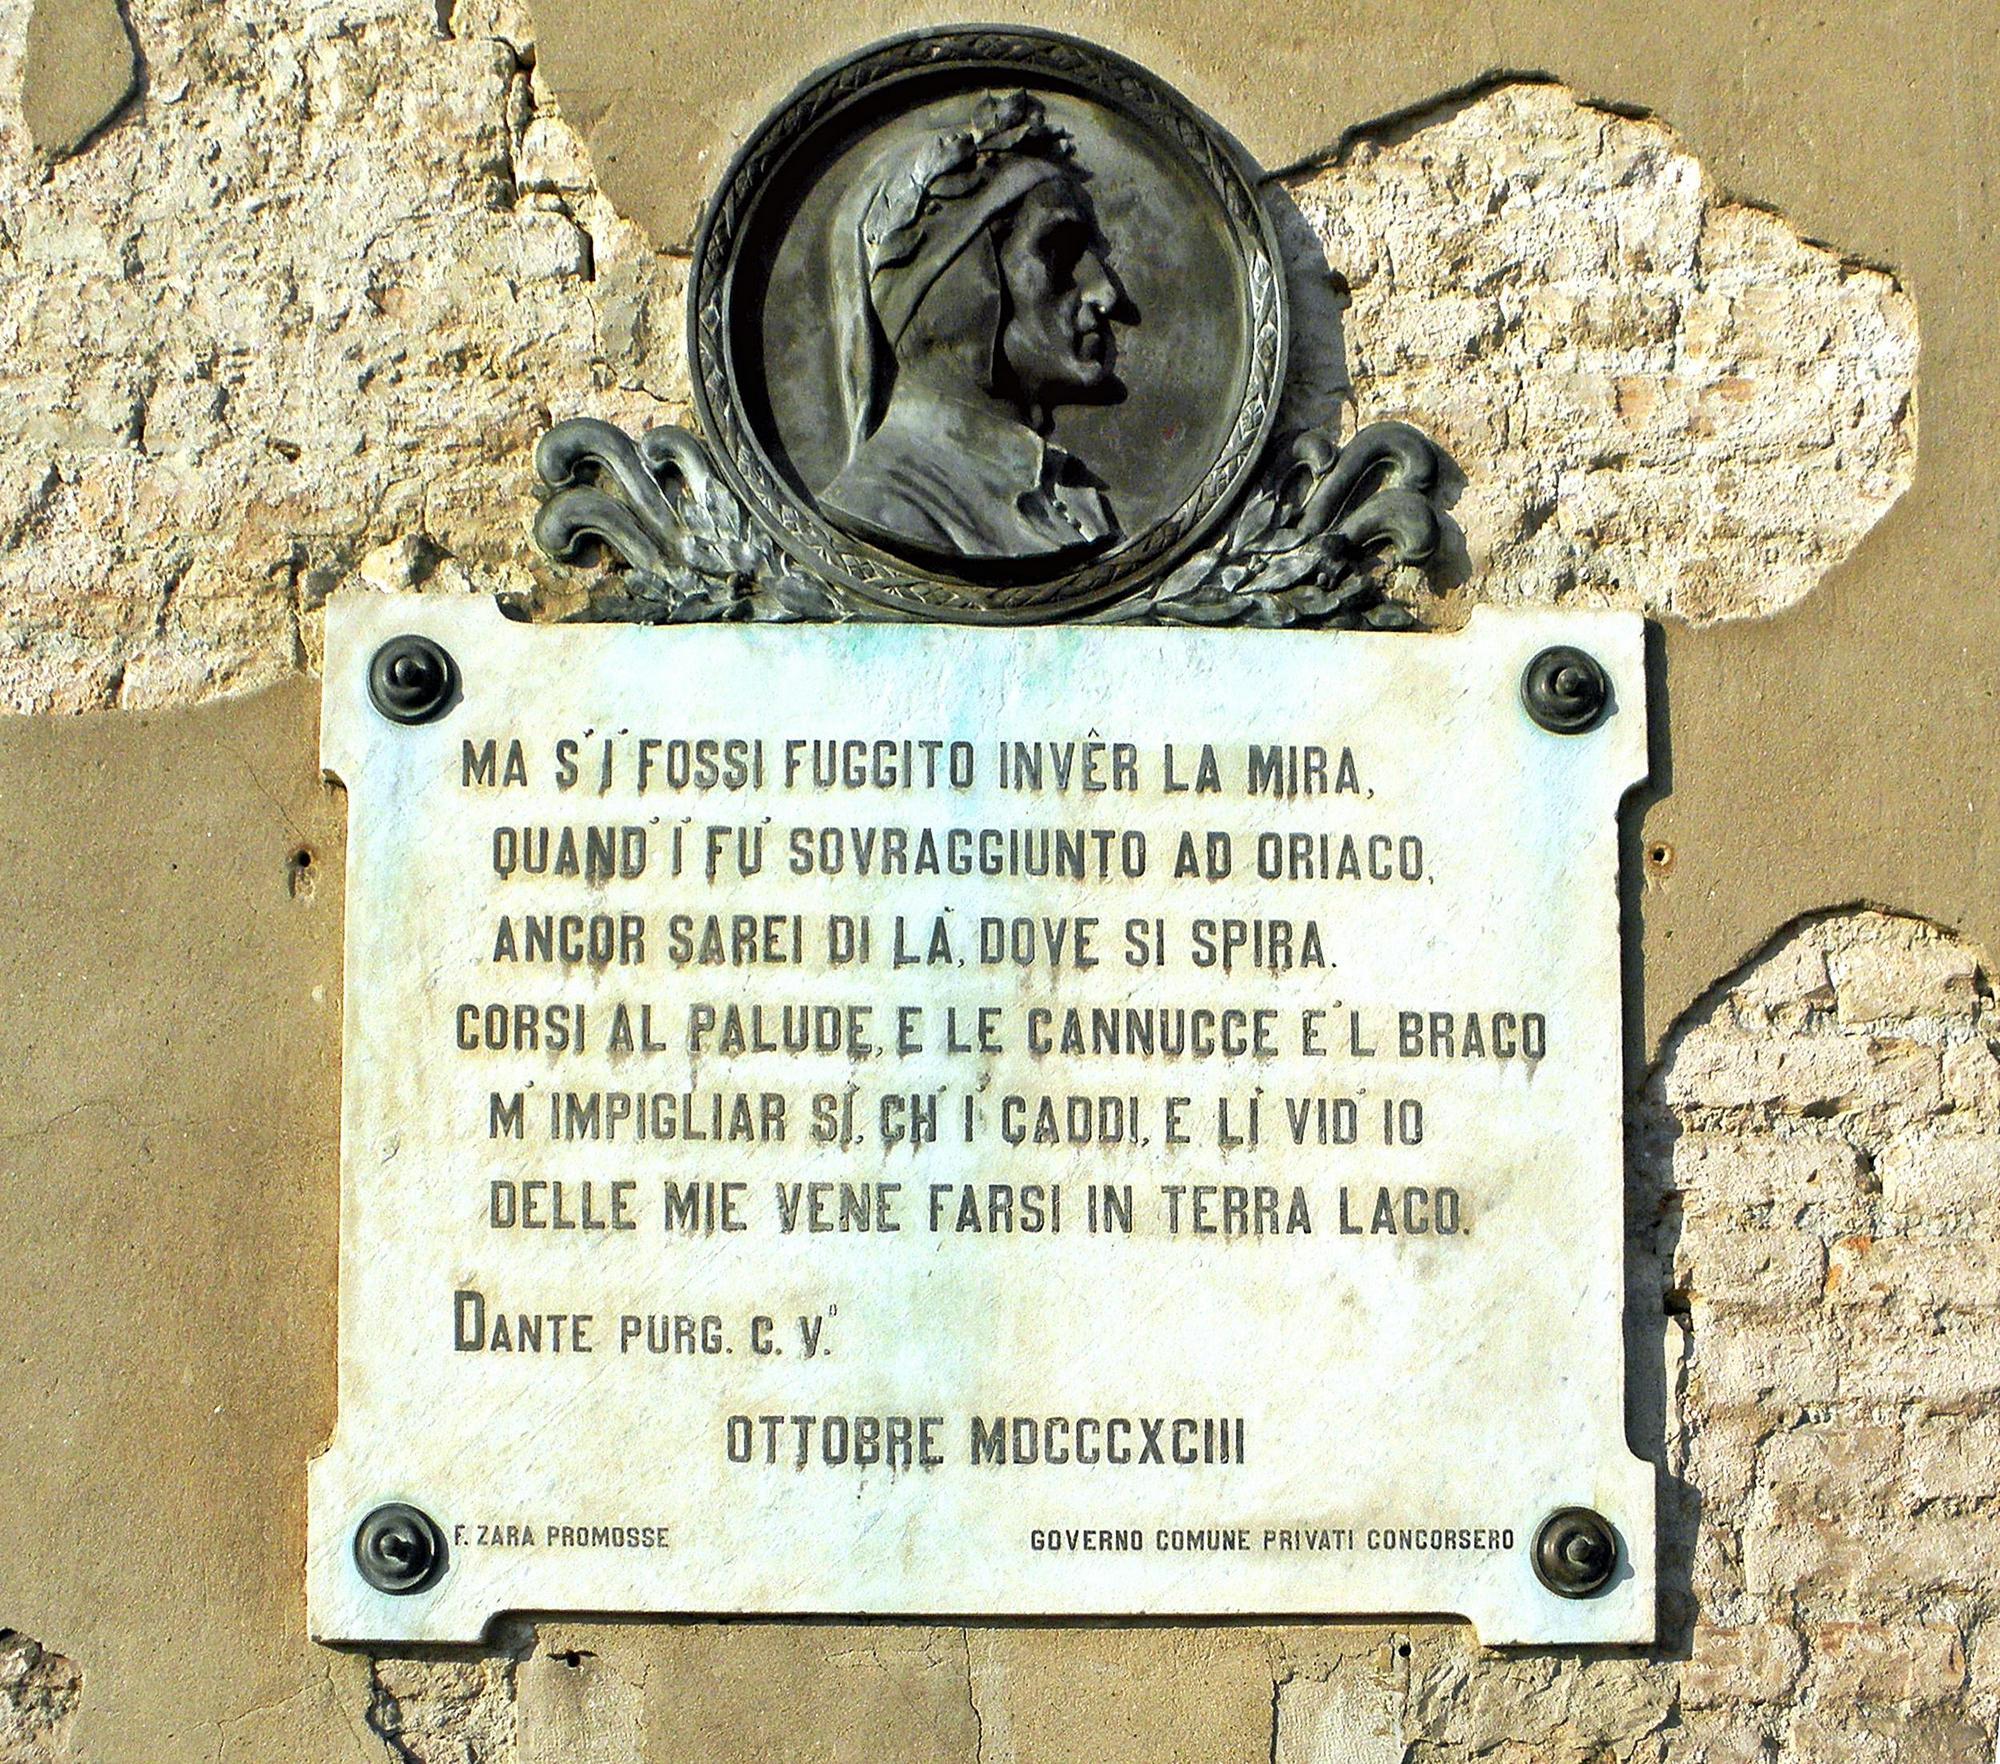 Facciata di Palazzo Moro ad Oriago, versi 79-84 del Canto V del Purgatorio.